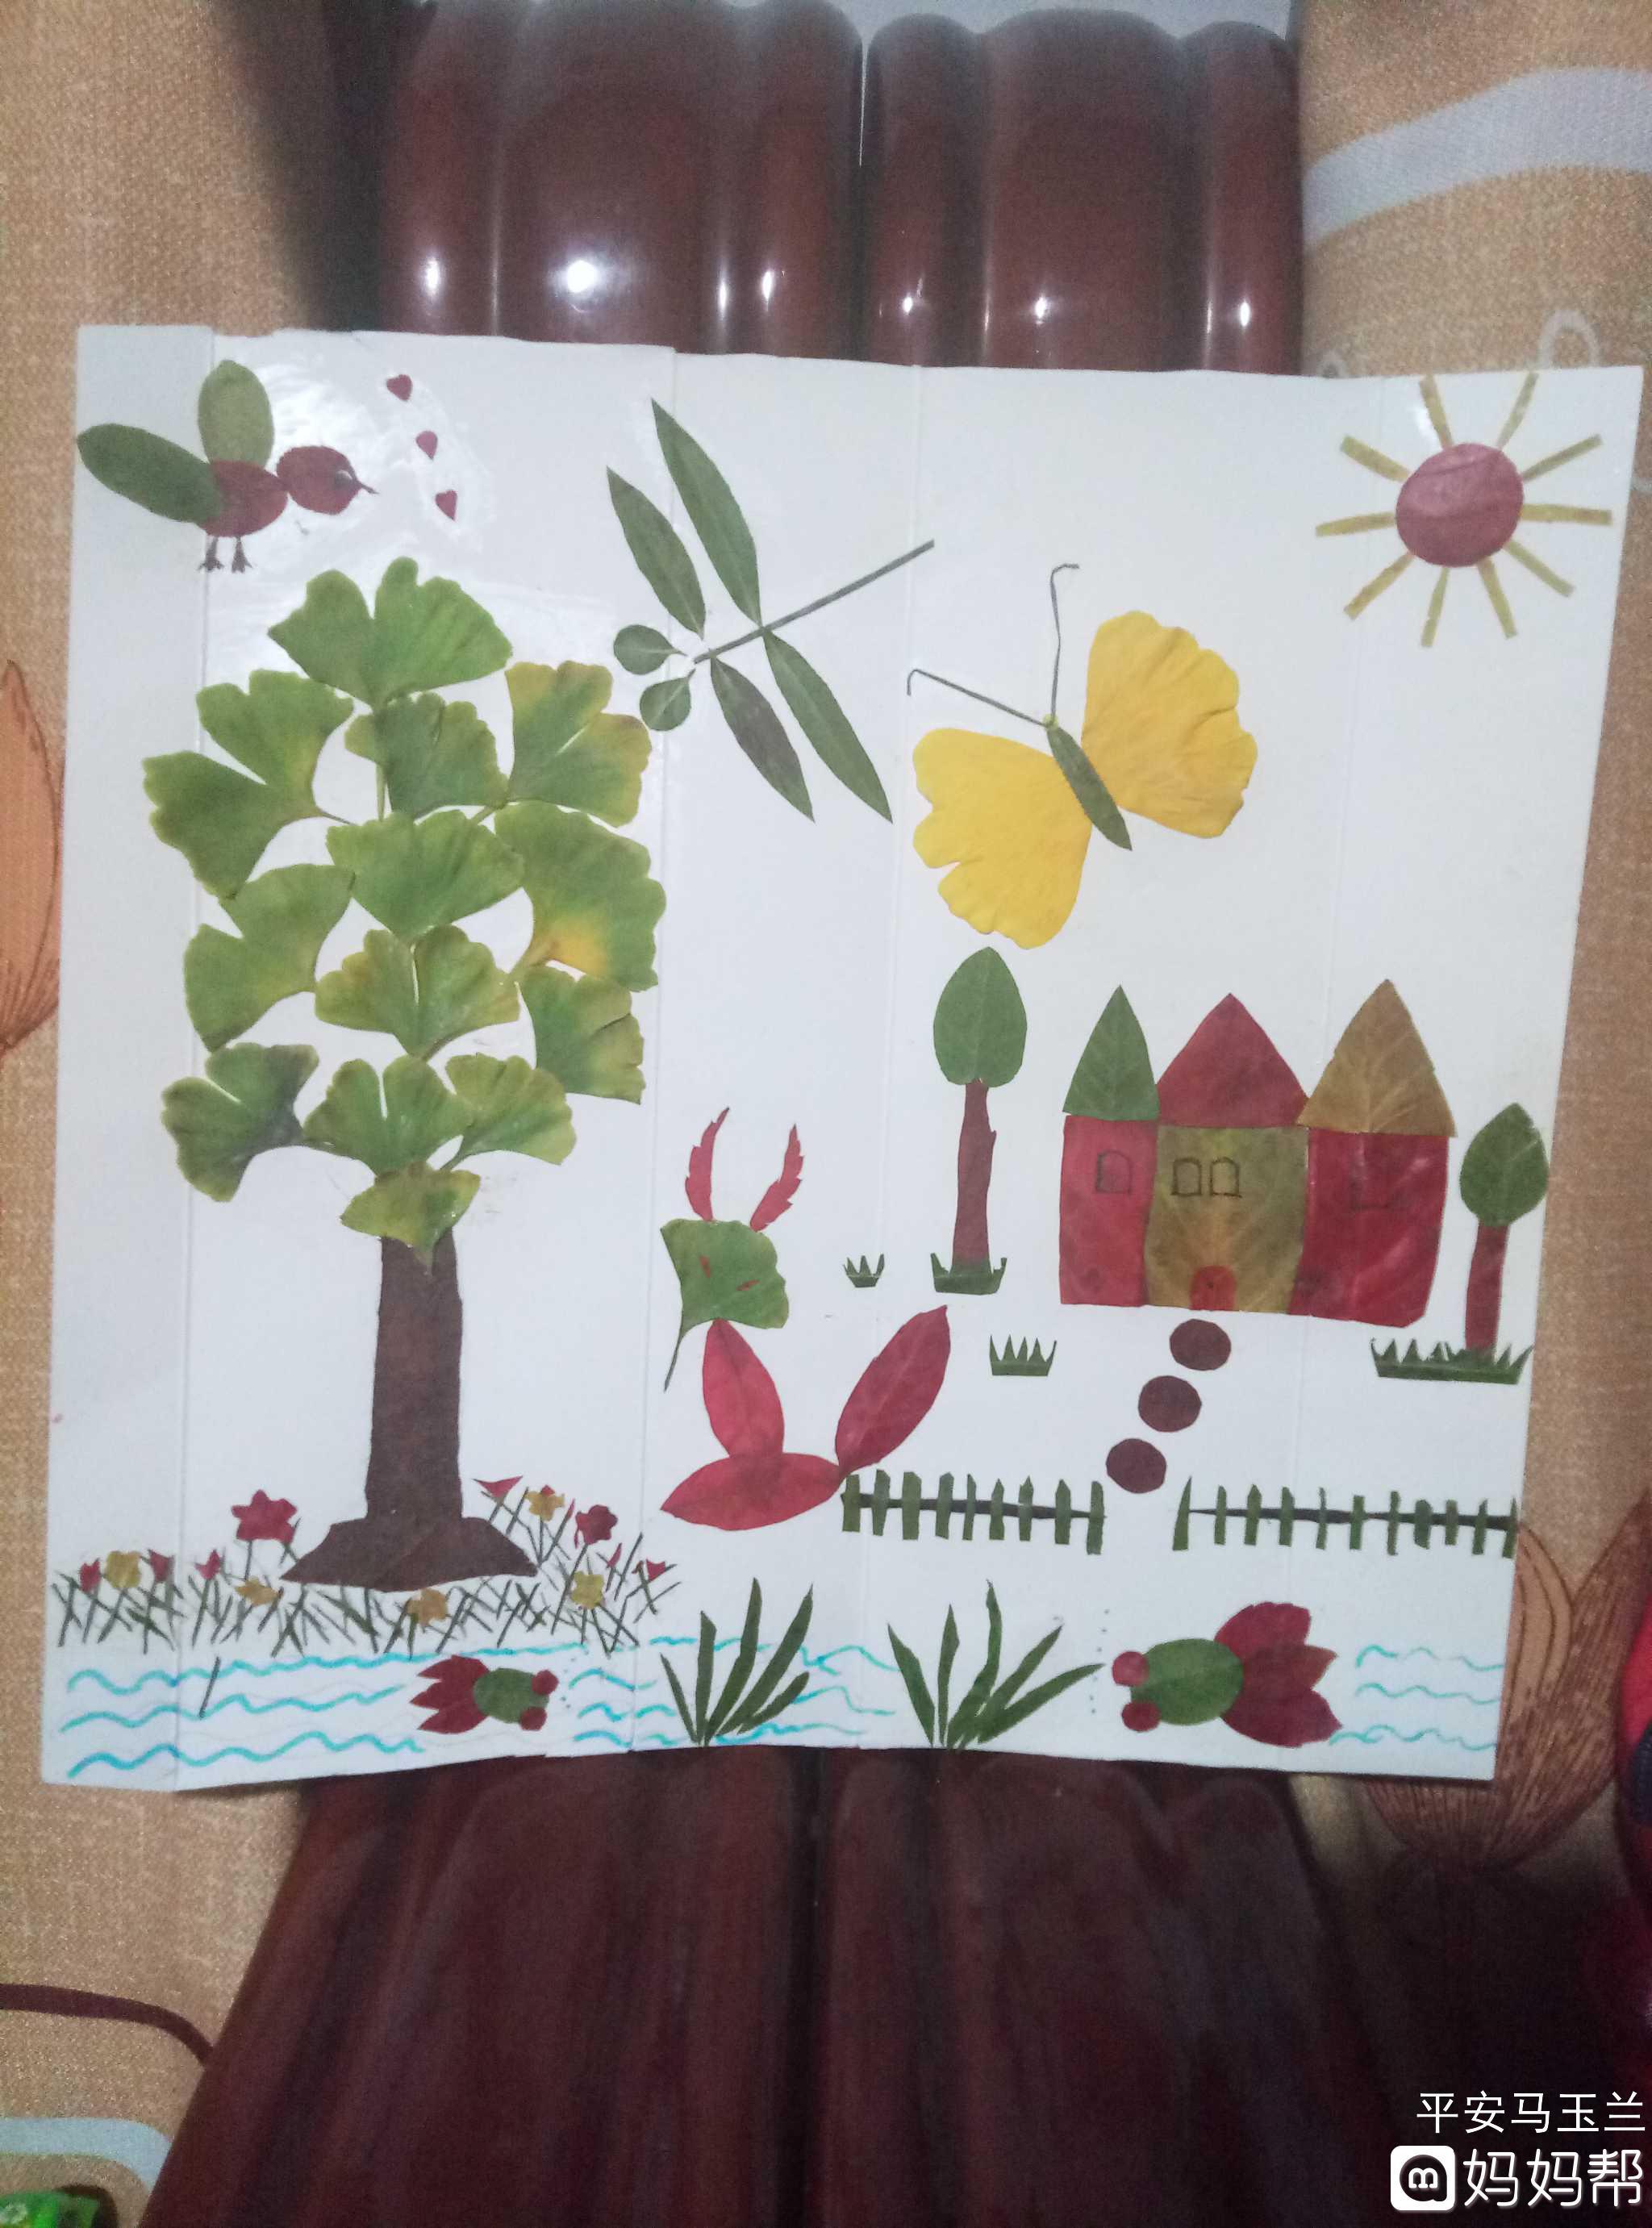 【树叶手工】+美丽的风景cdr中国画绘制图片